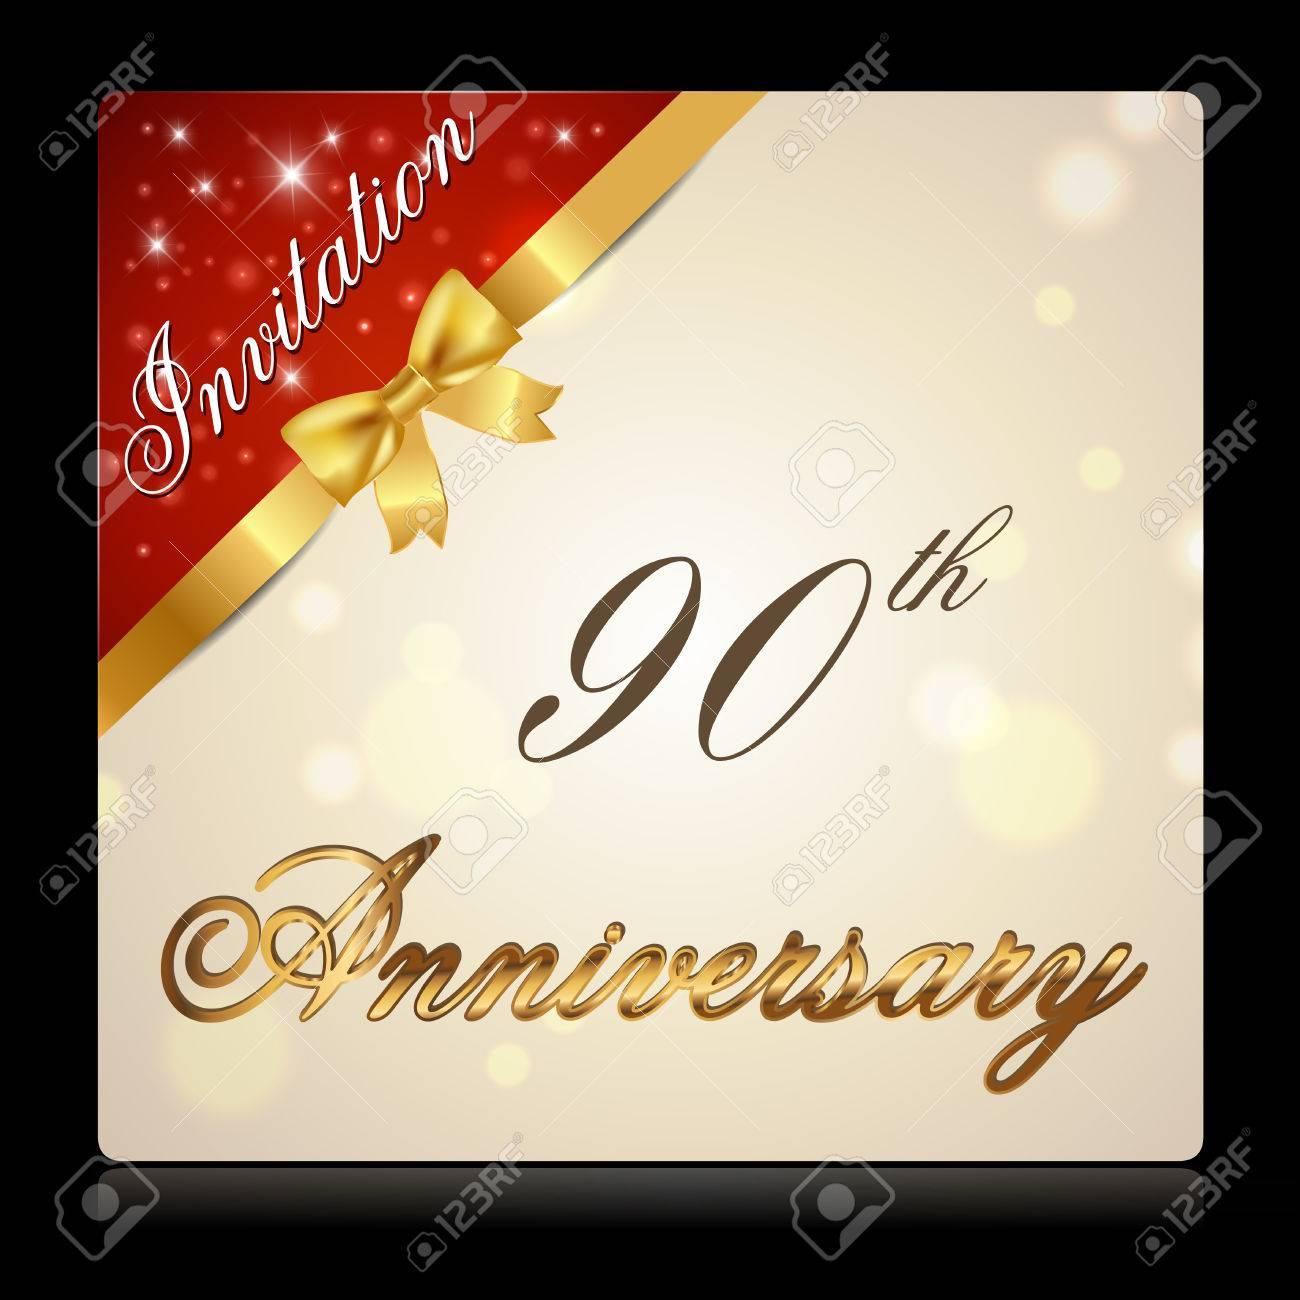 Cinta De 90 Años La Celebración Del Aniversario De Oro Tarjeta Decorativo Invitación Vector Eps10